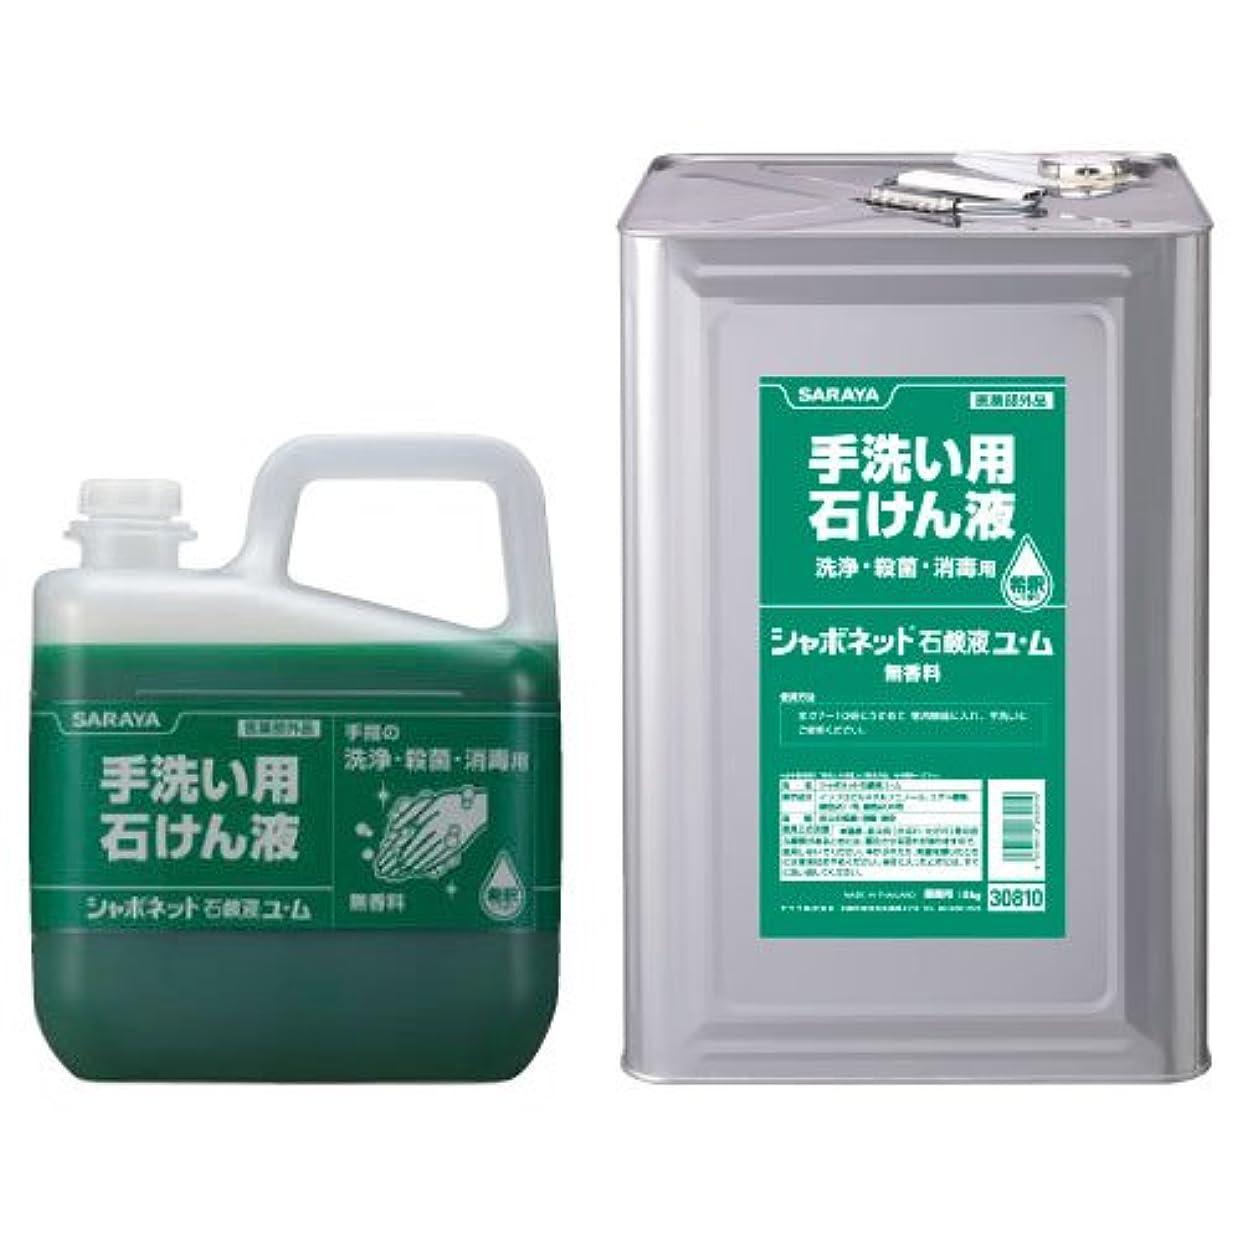 関連するクレーターバットサラヤ シャボネット 石鹸液 ユ?ム 1kg×12点セット (4987696232020)